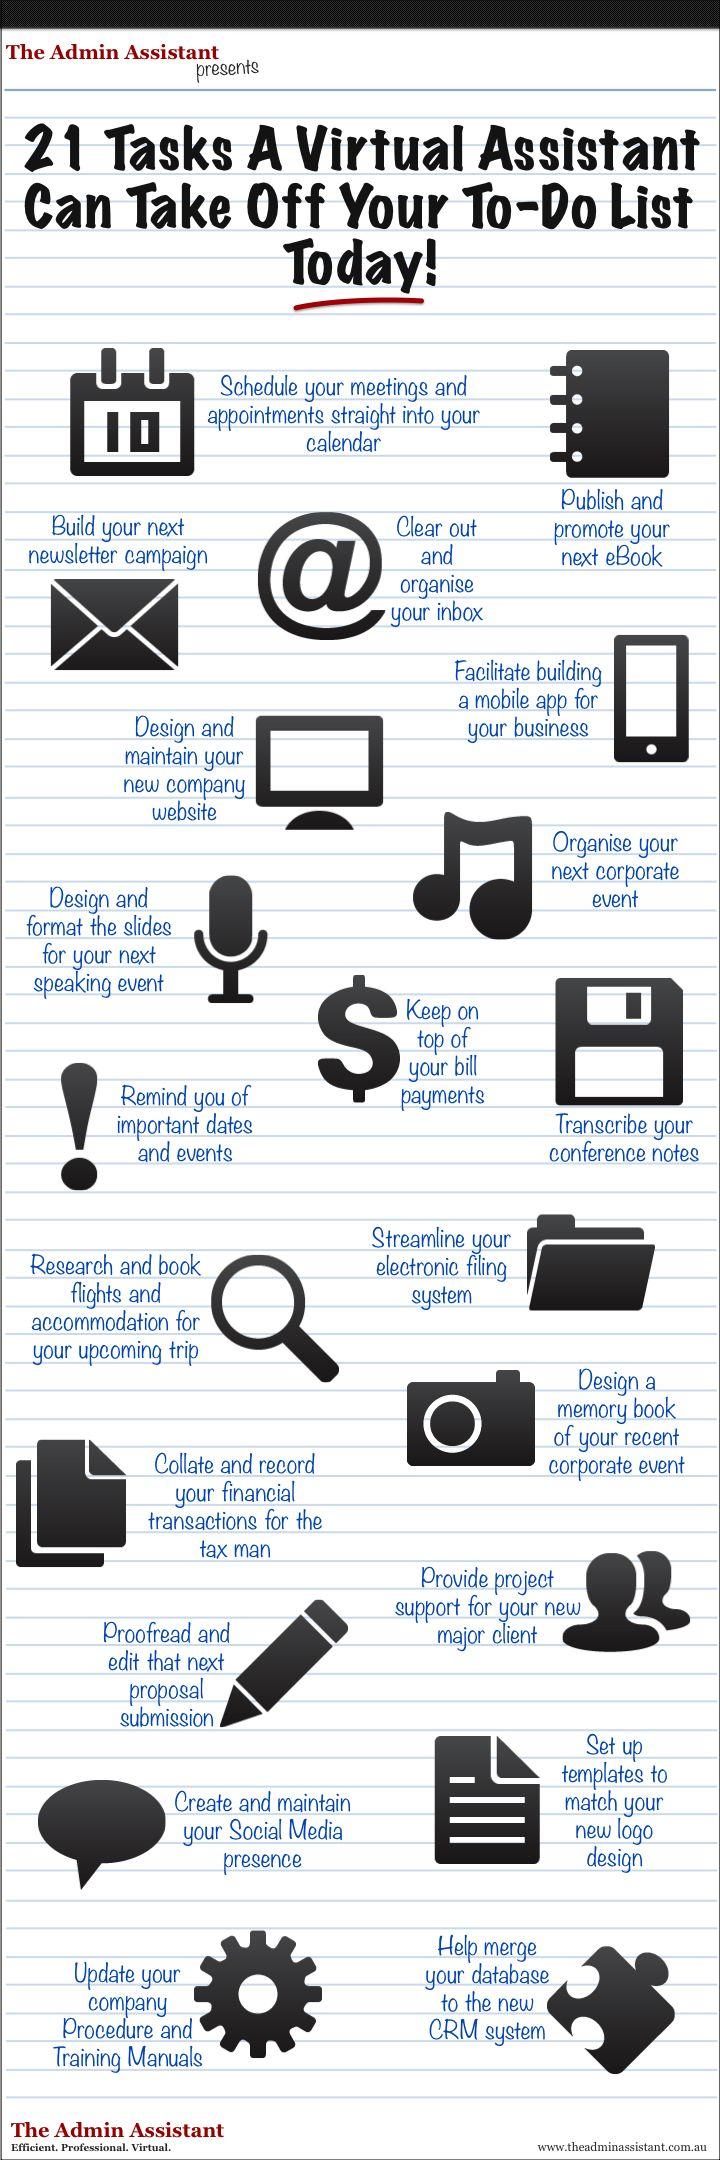 Todo lo que puedo hacer para ayudarte a lograr tu objetivo organizadamente ;)